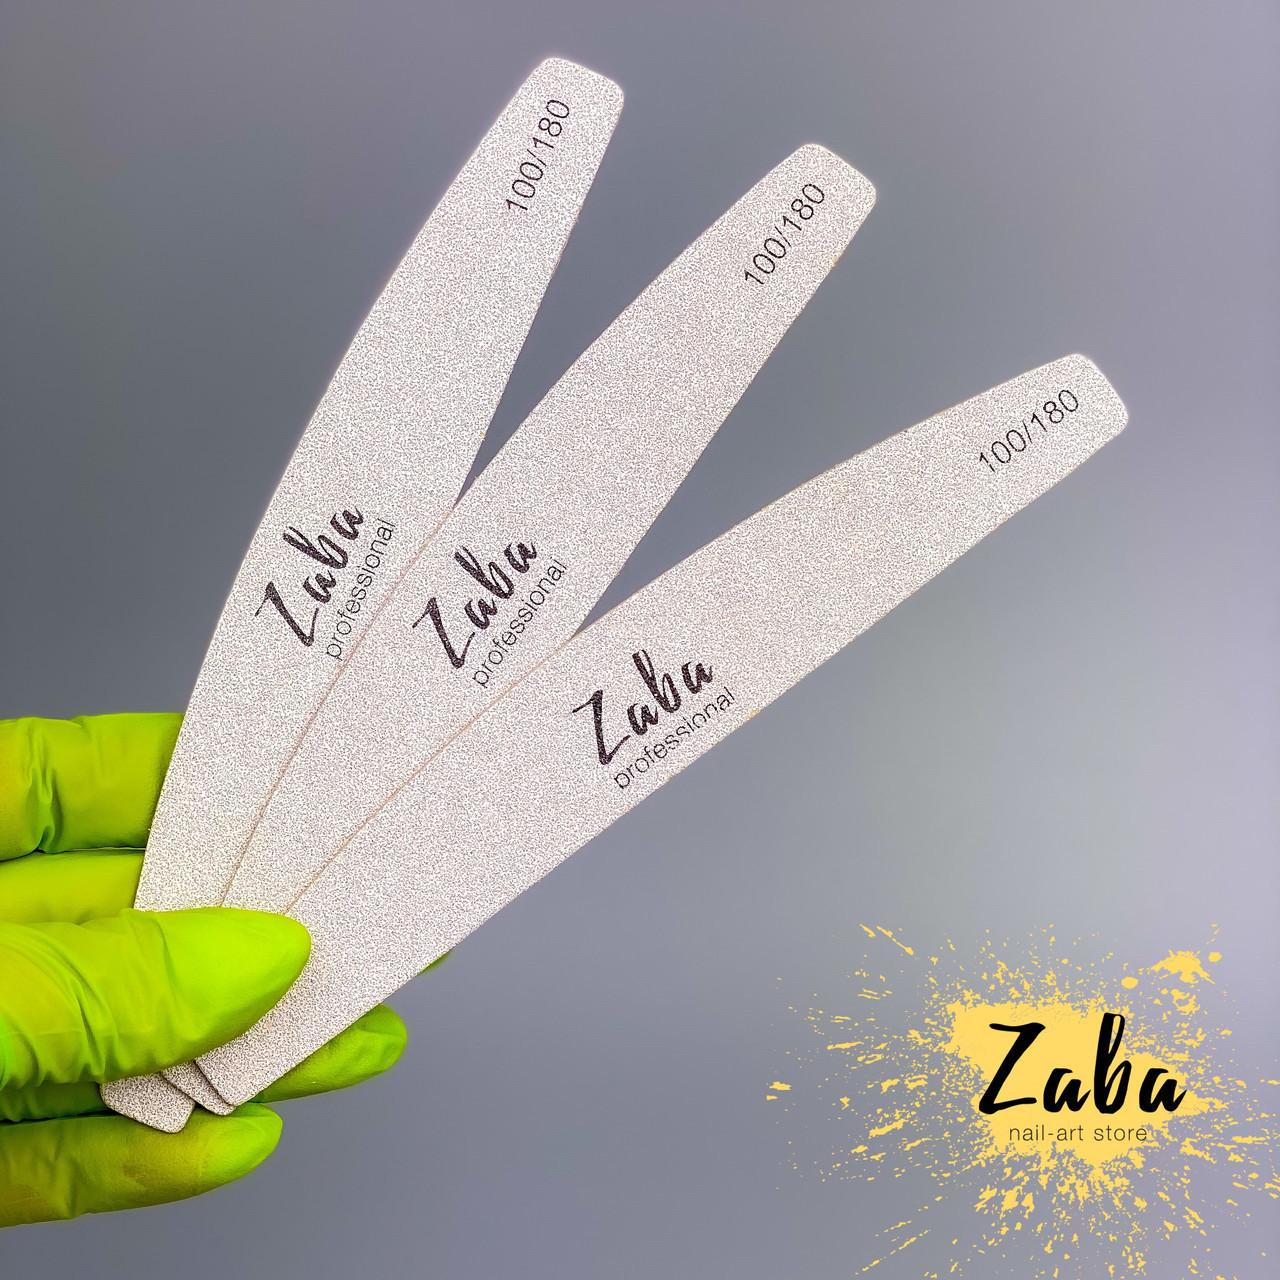 Пилка Zaba Professional 100/180, дуга